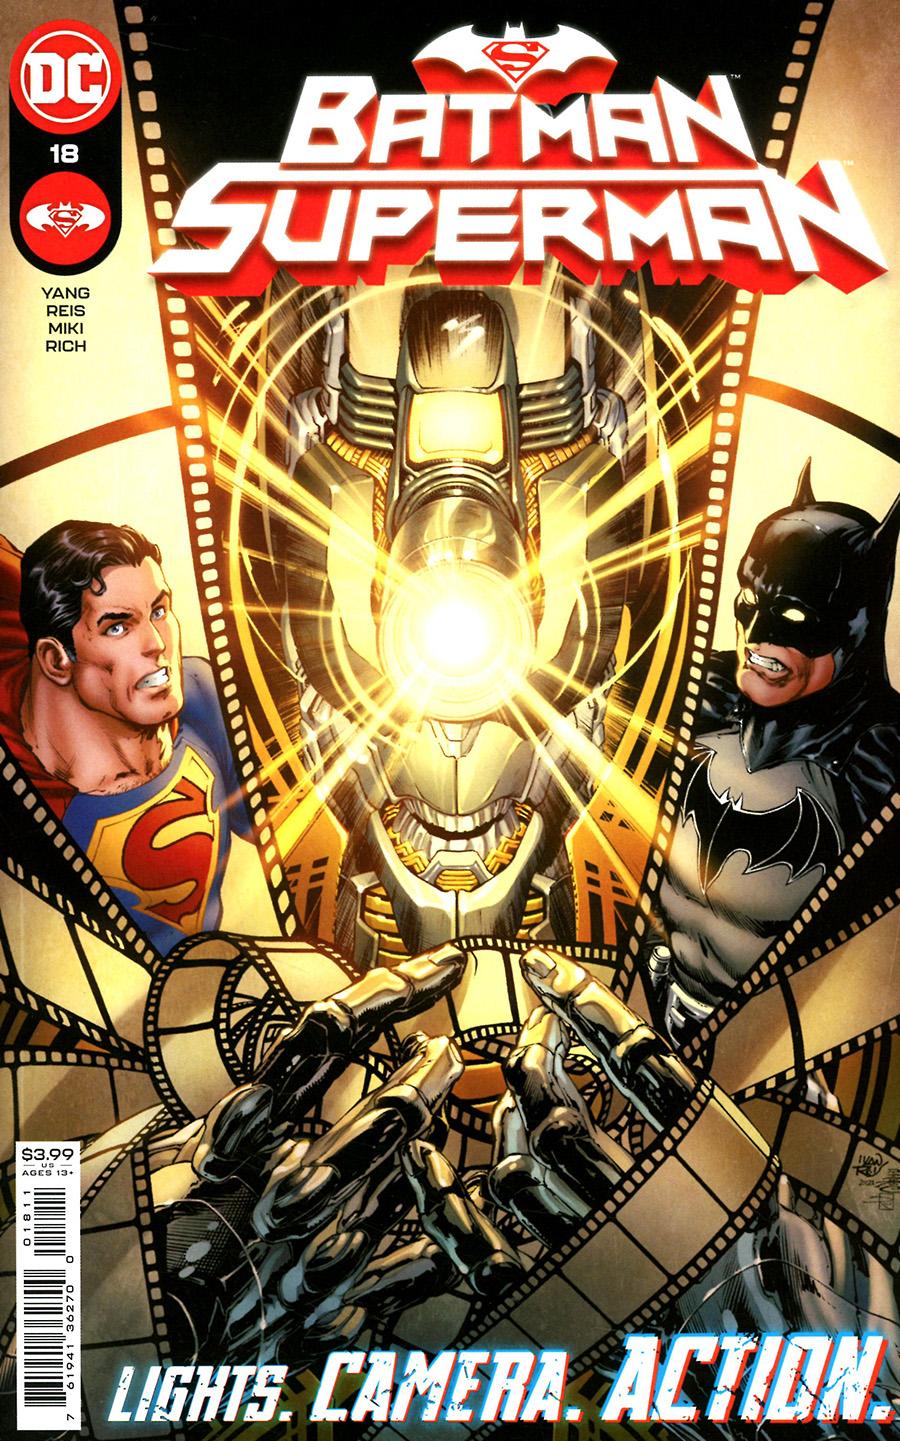 Batman Superman Vol 2 #18 Cover A Regular Ivan Reis Cover